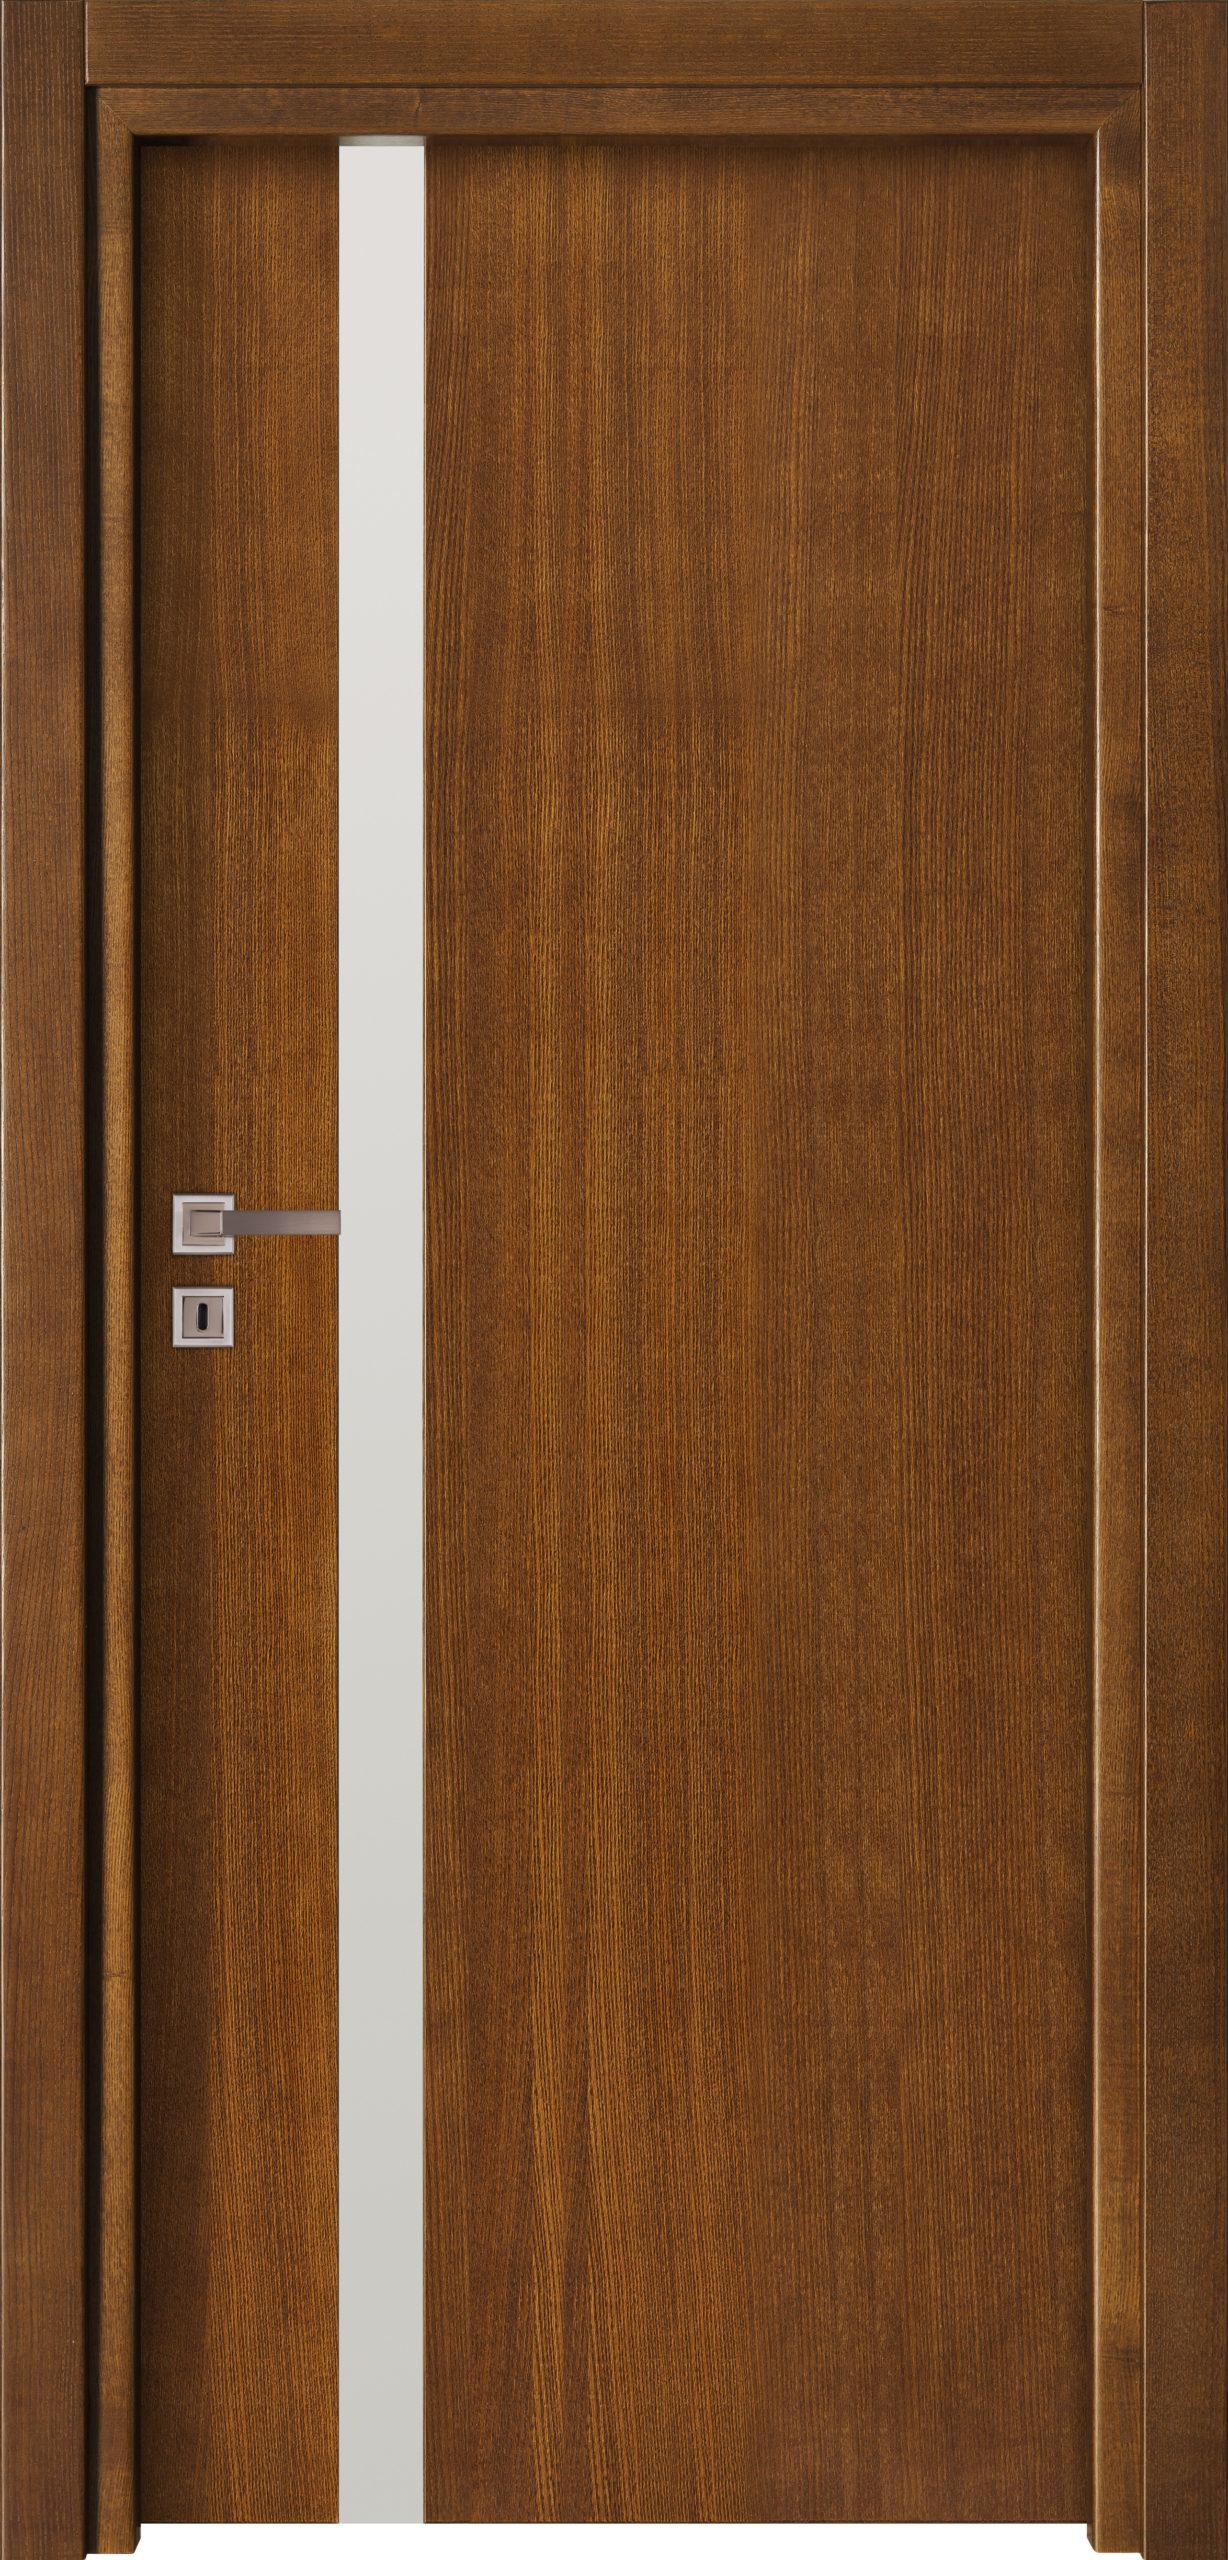 Focus A16 - jesion - jasny brunat - szklenie lacomat bezpieczny - ościeżnica przylgowa regulowana drewniana prosta (IIa)